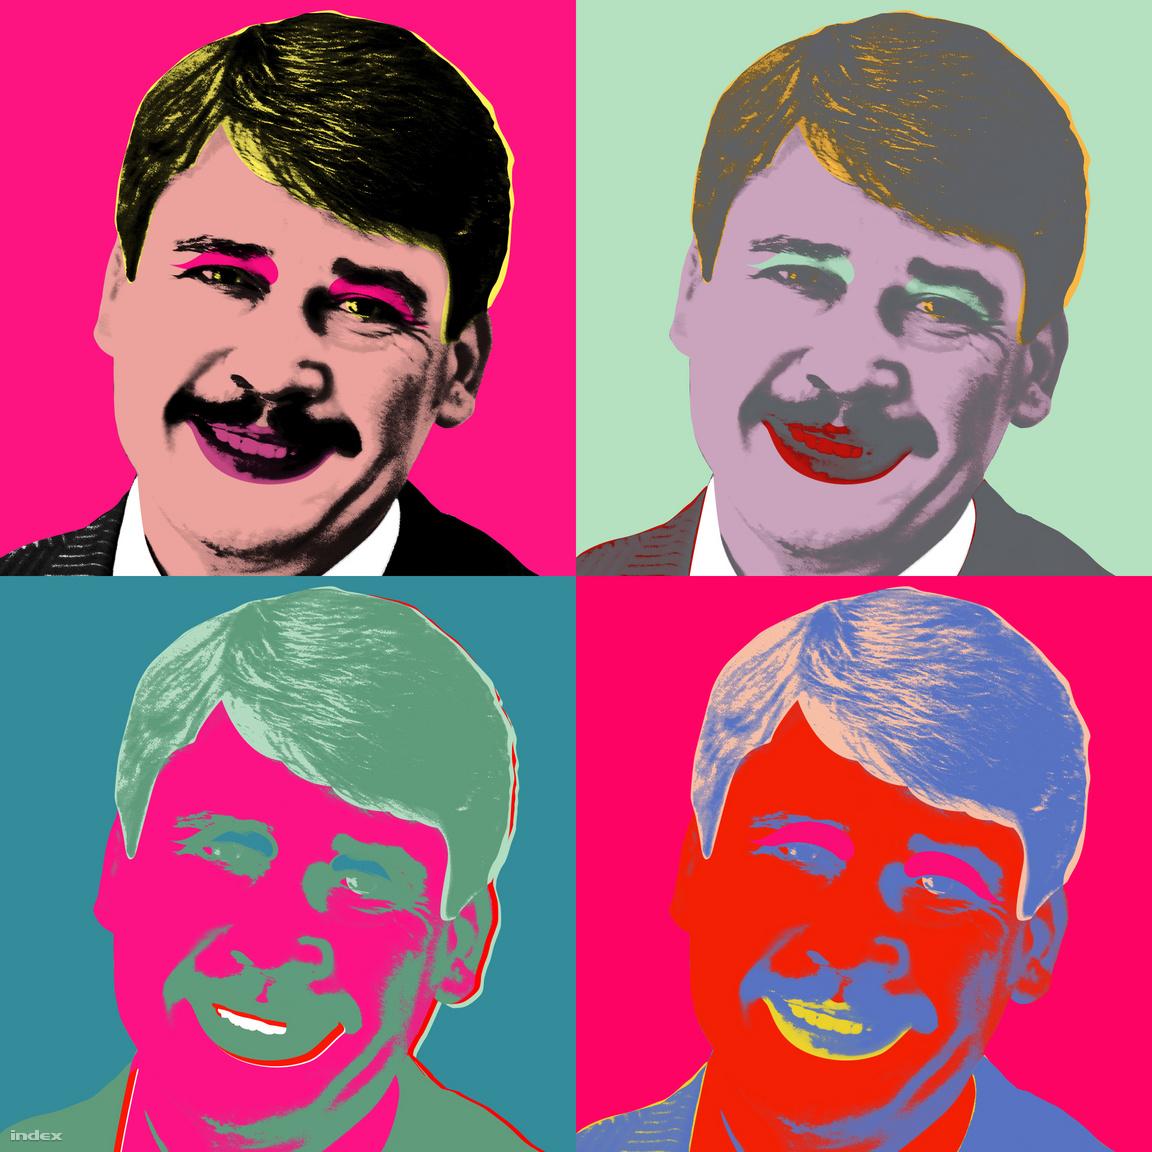 """Már régóta akart magyar politikusról készíteni egy Warhol-szerű, négyes portrét, aztán Áder János újraválasztásánál jelentkezett a lehetőség. Ez nem kifejezetten egy cikkhez készül, hanem az Index címlapján, négy, különböző, egymás mellé helyezett cikk címlapképe volt. Szarvas szerint Orbán adta volna magát, hogy egy hasonló portré készüljön róla, de azt sajnos már Nagy Kriszta lelőtte évekkel ezelőtt. Szarvas egy az egyben a Warhol-képek mintázatát követte, """"megnéztem, hogy csinálta, megpróbáltam reprodukálni, """"mintha egy hamisítvány lenne.""""                          Áder újra választásánál volt a a kombó clk a címlapon"""